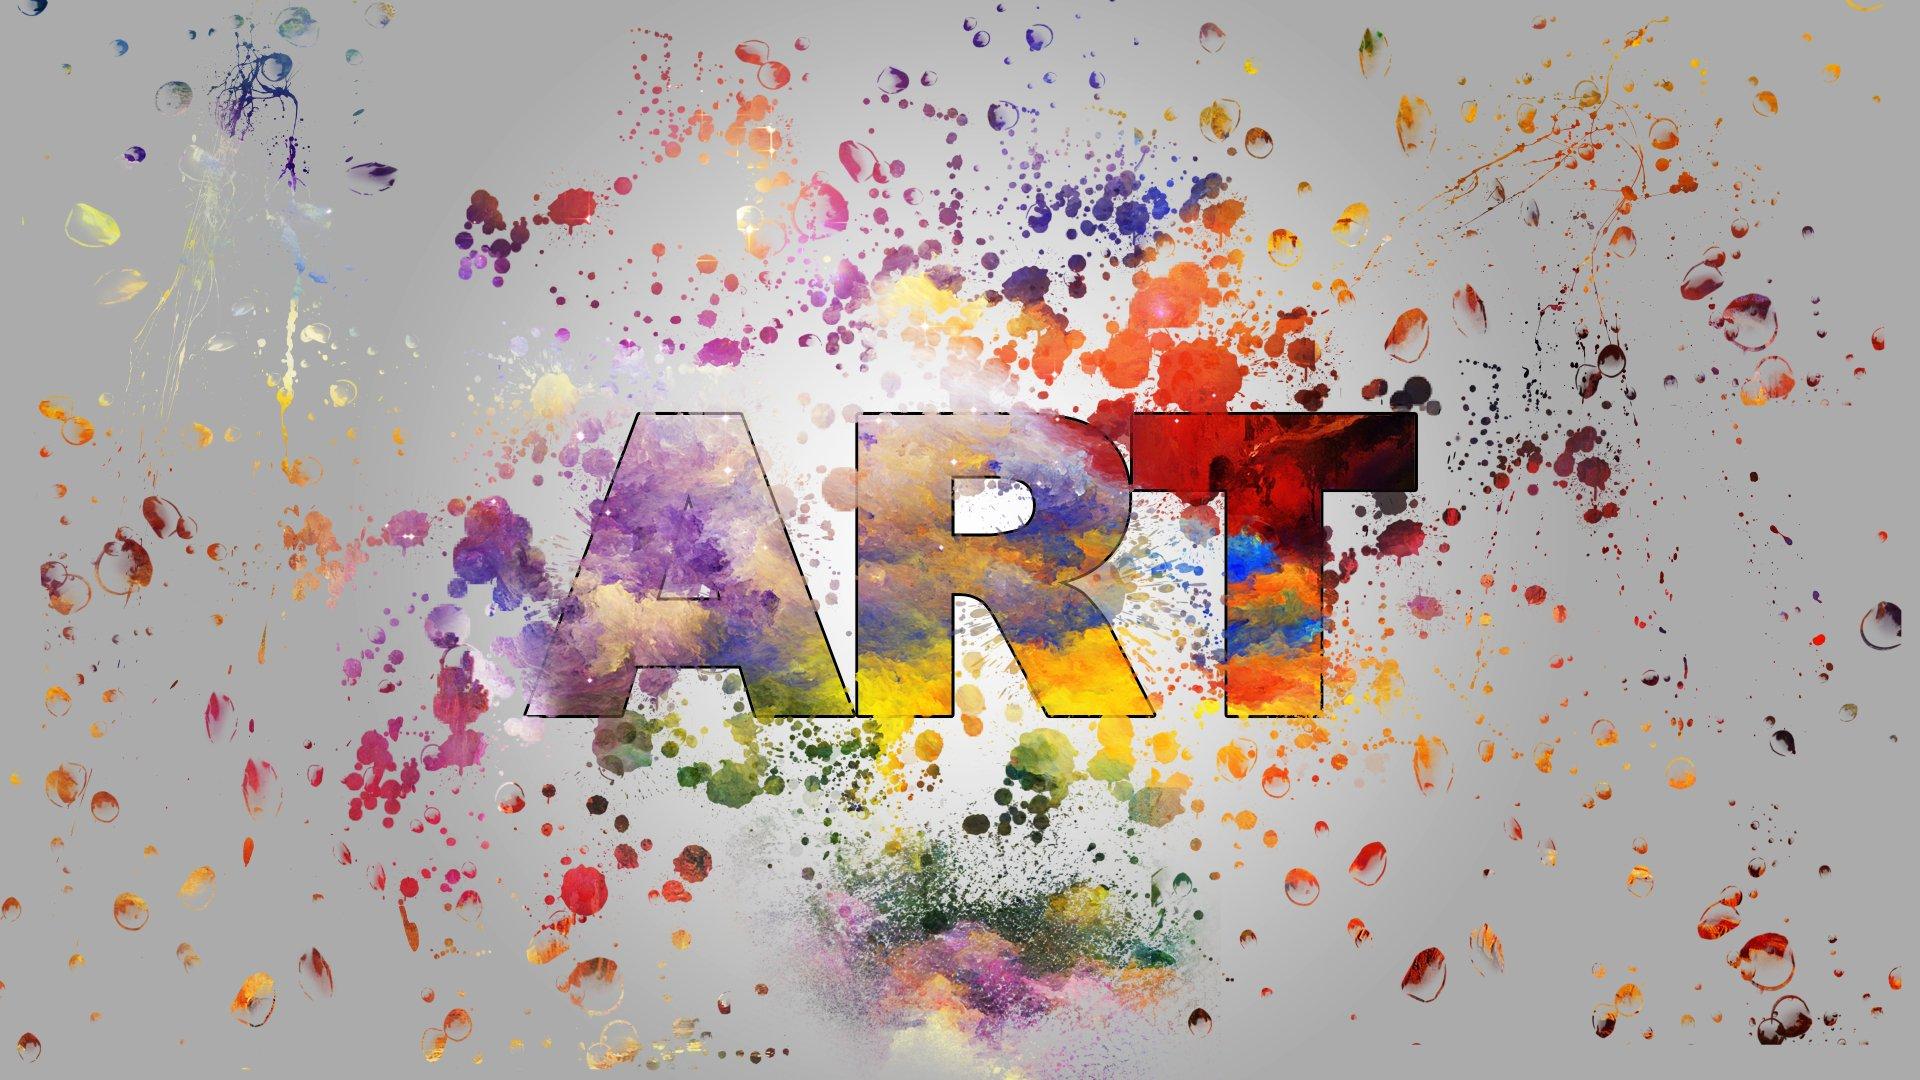 Art ID: 102701